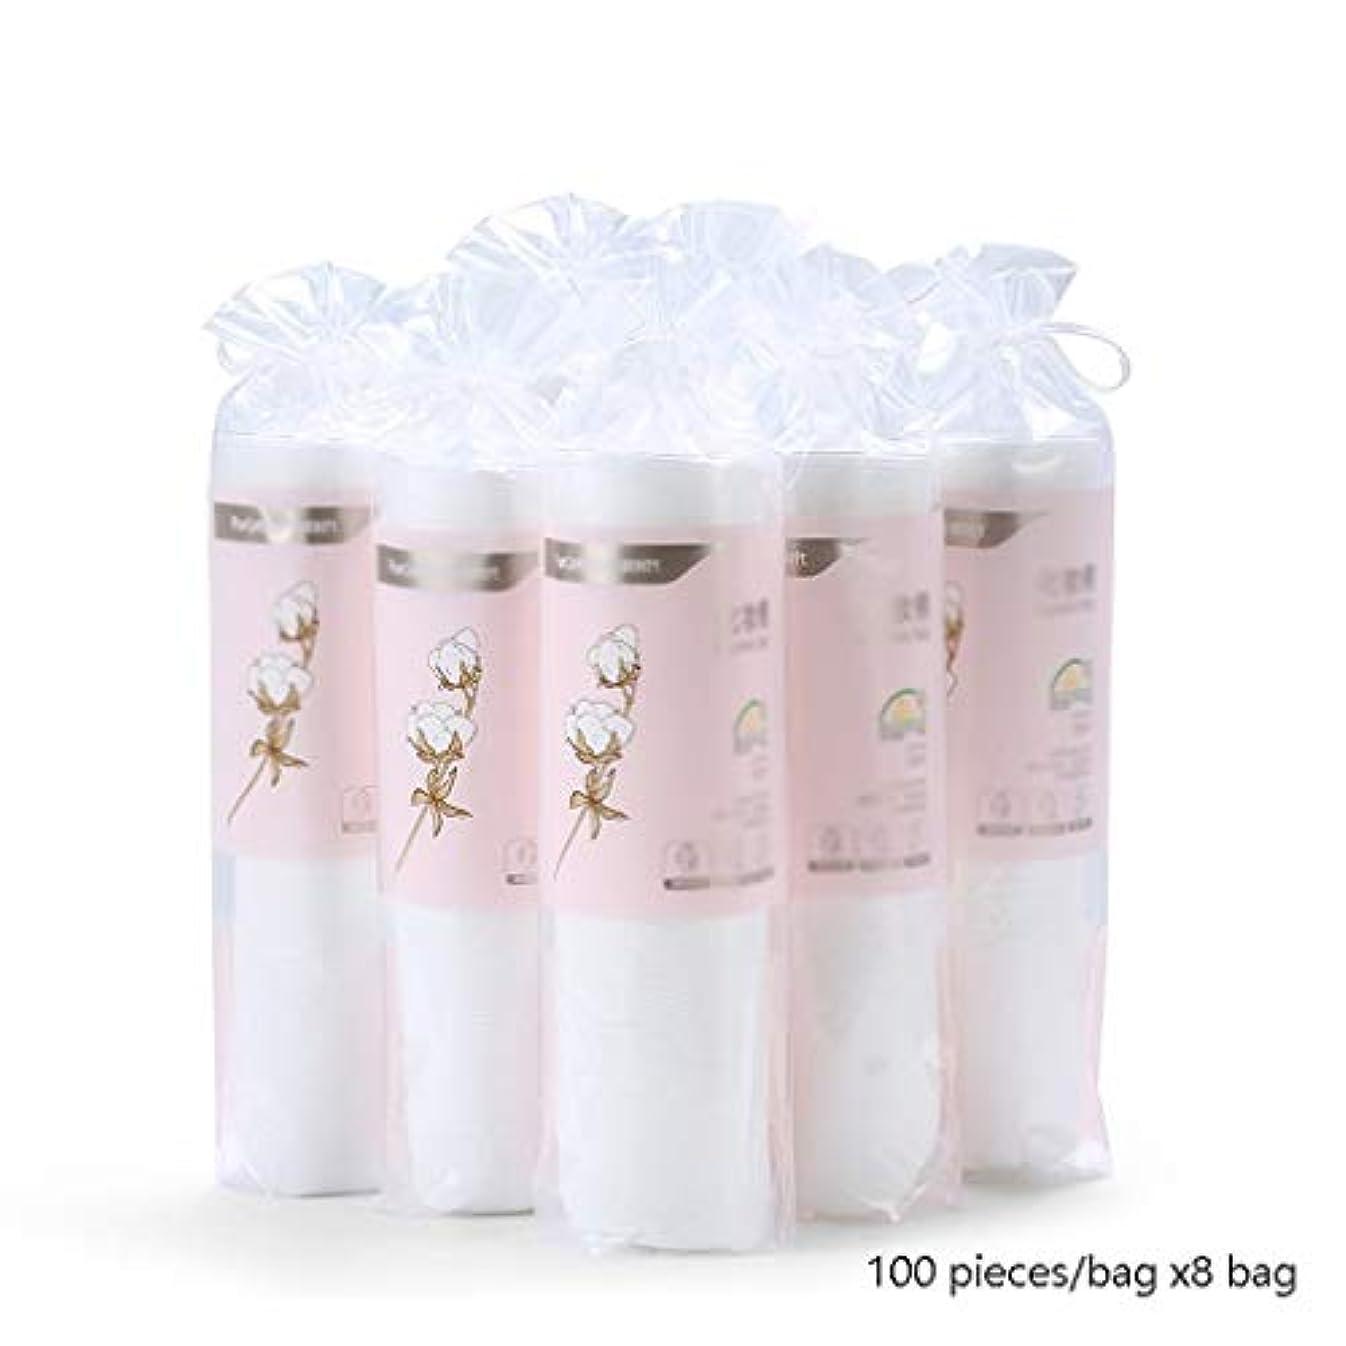 毛細血管ラバ傾向がありますクレンジングシート 100個/袋* 8袋ラウンドコットンコットンメイク落としコットン厚手両面コットンパッド (Color : White)